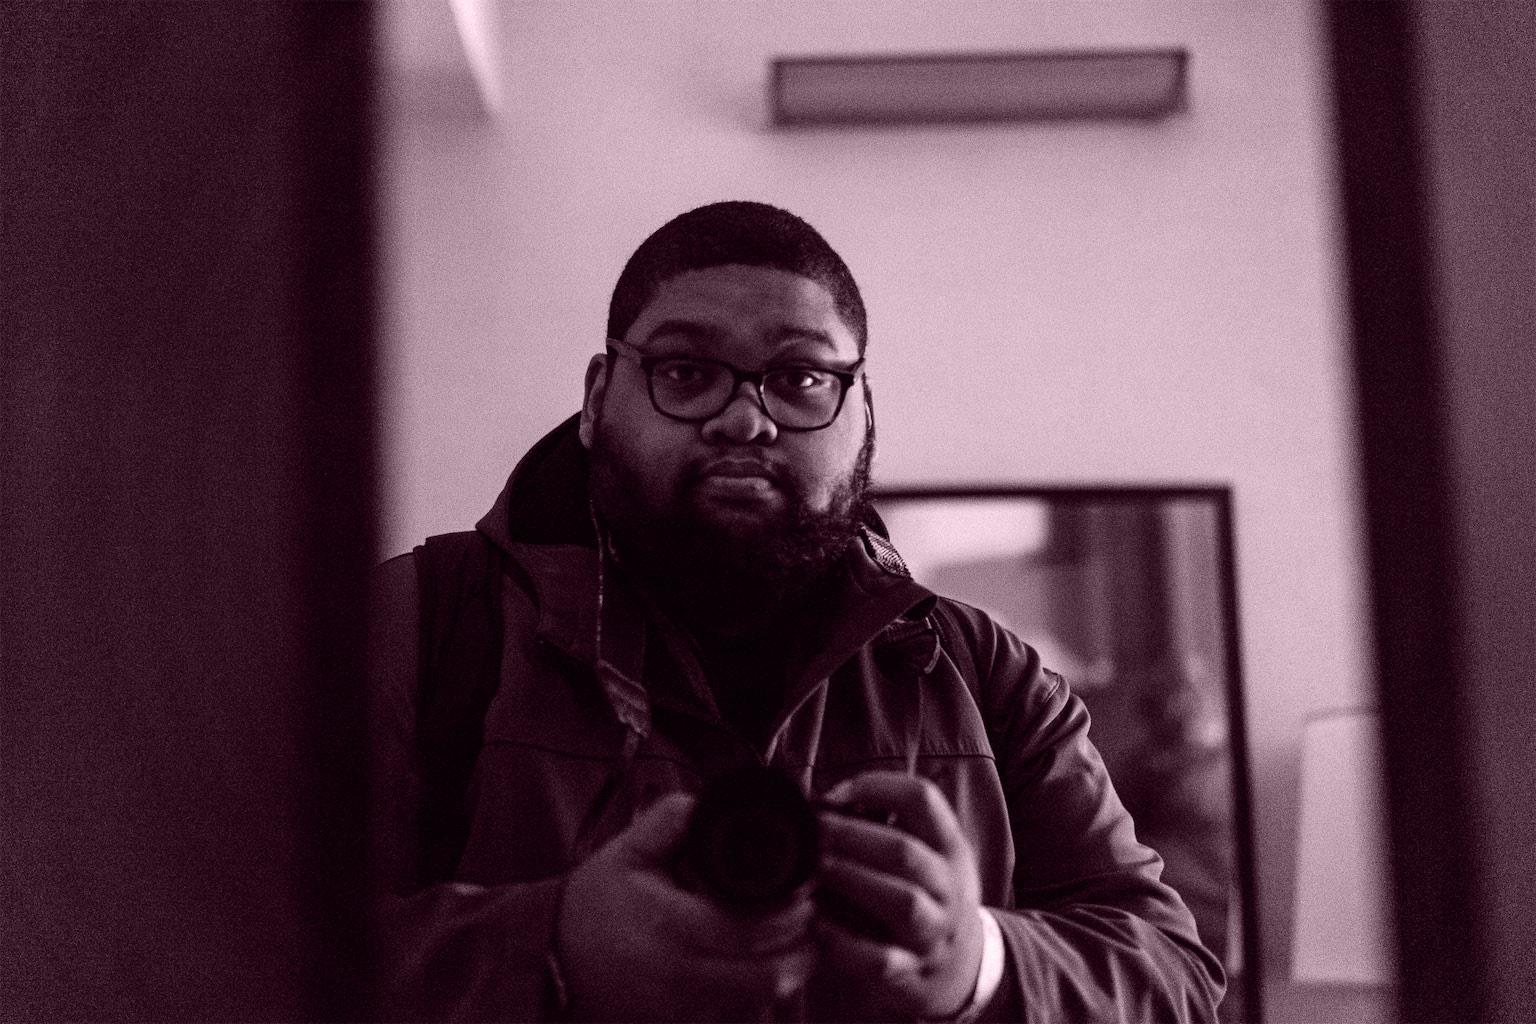 Self-Portrait, 2020. Philadelphia, PA.